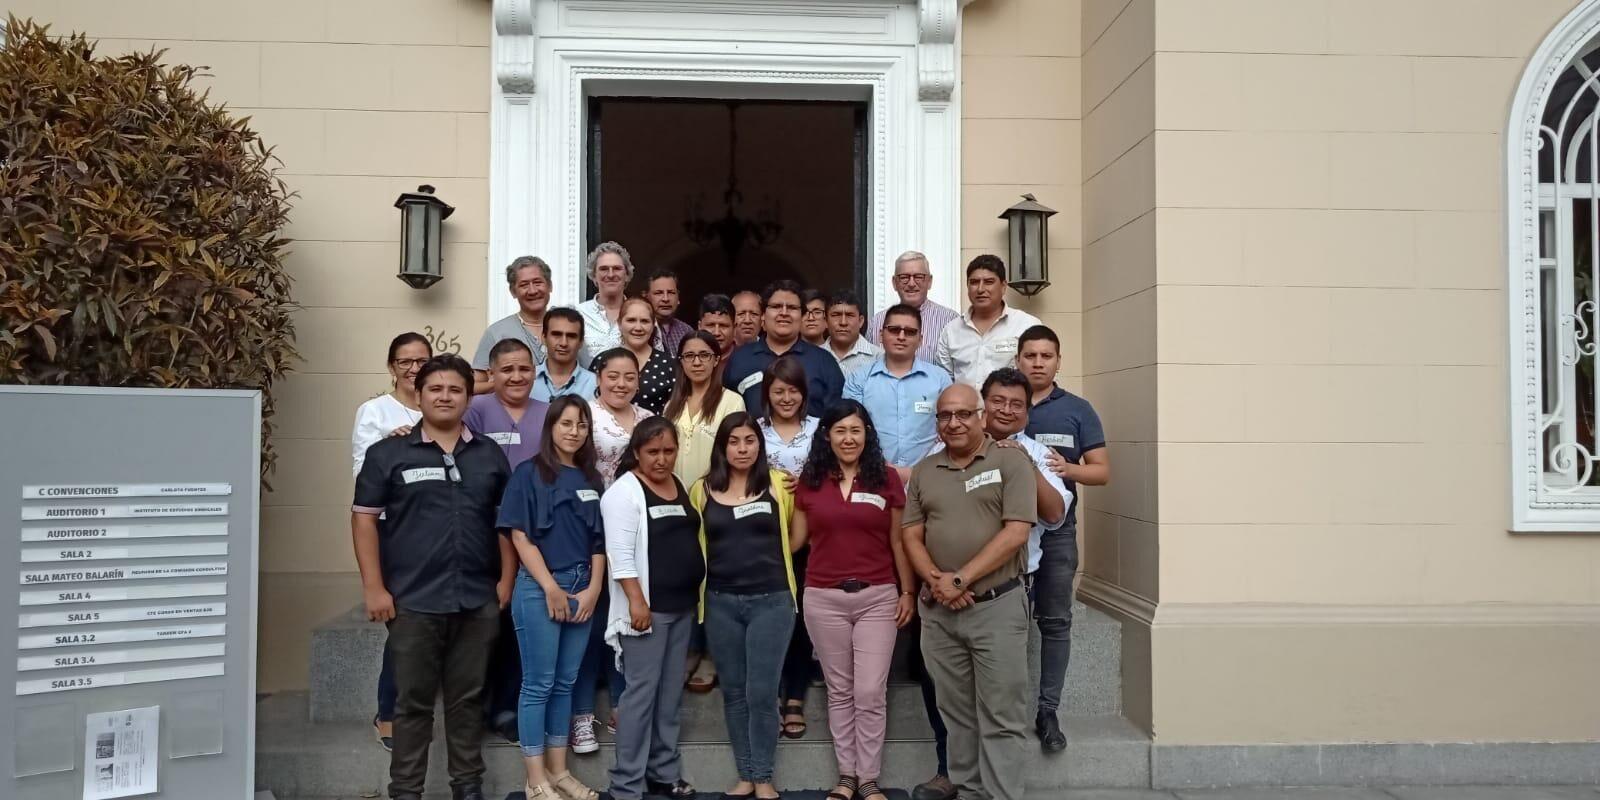 Peruvians put negotiation skills training into practice